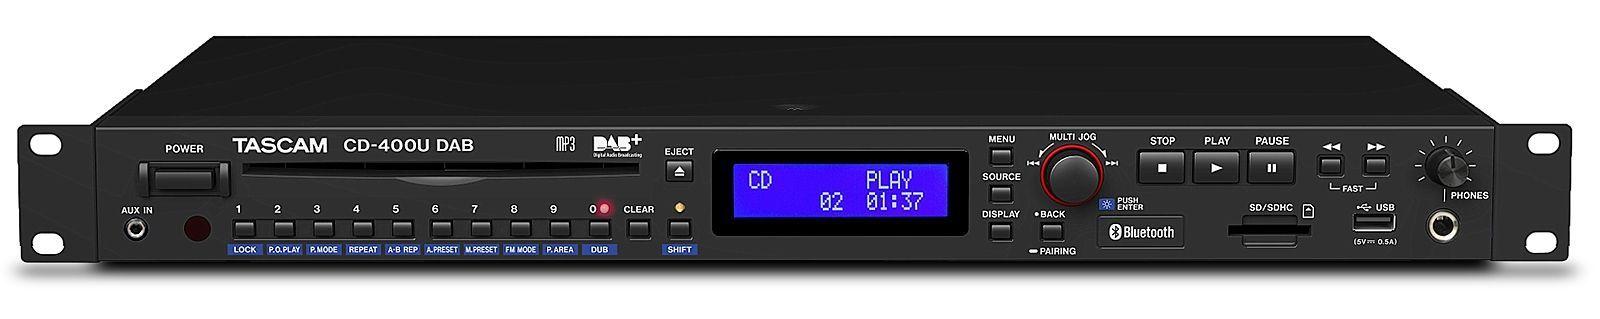 Tascam CD-400U DAB CD/USB/SD Medien-Player mit Radio- und Bluetooth-Empfänger